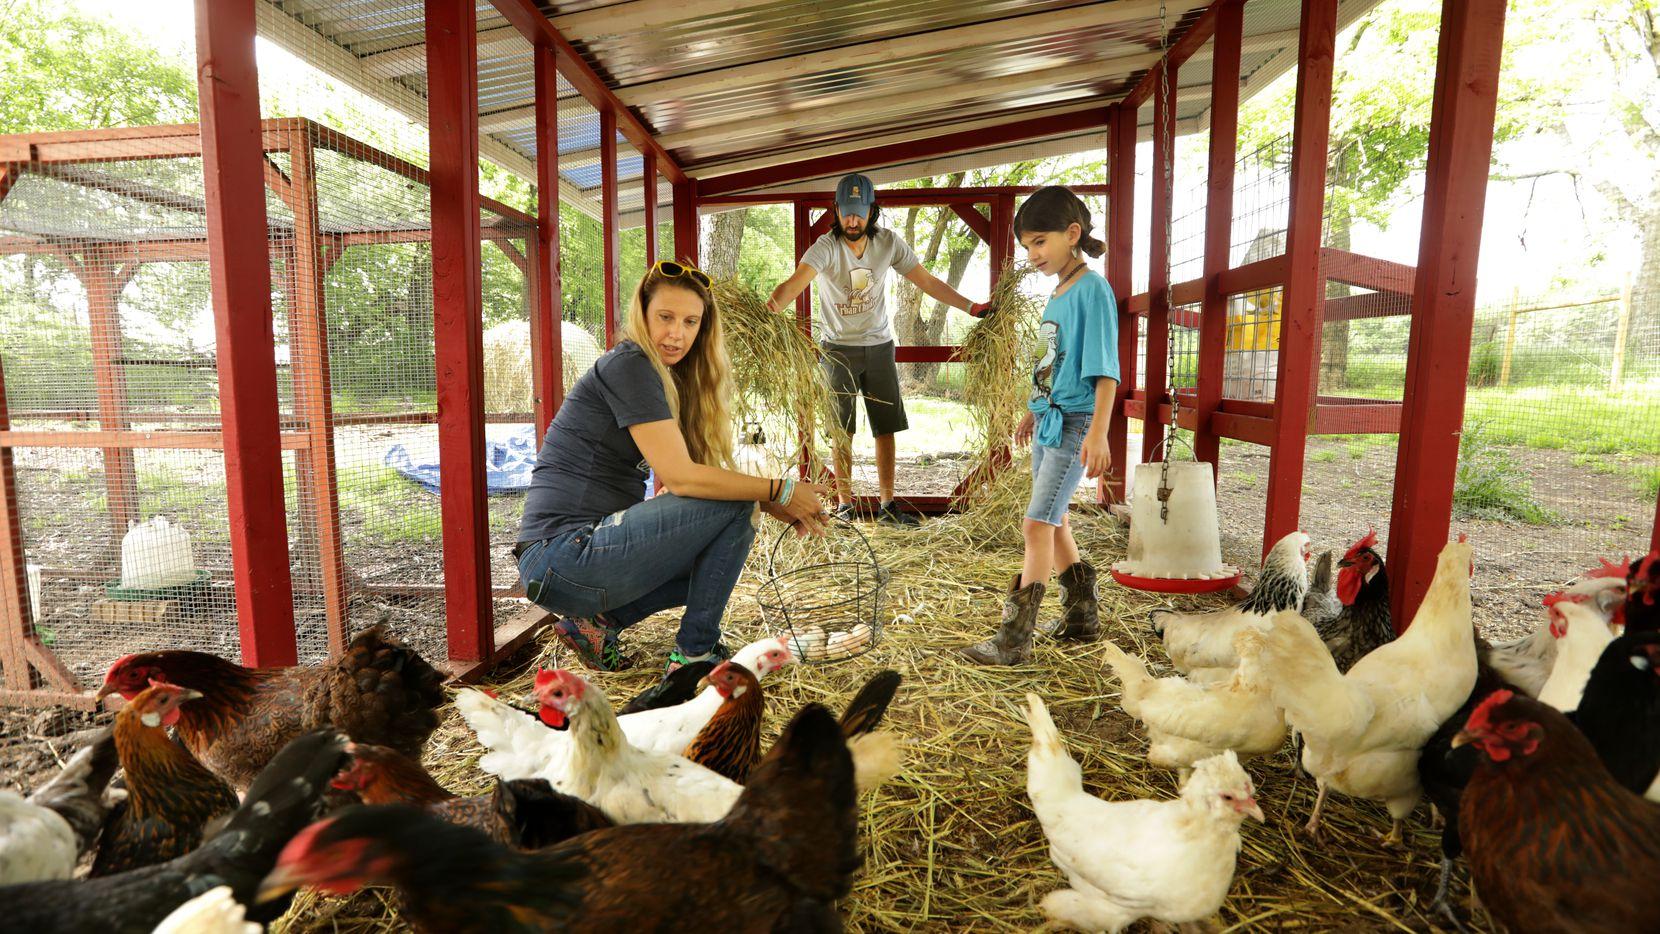 Casey Cutler (izquierda), John Ramos y su hija Joplin Ramos, 7 años, cuidan de sus pollos en el gallinero en su casa el 21 de abril de 2020 en McKinney, Texas. (Jason Janik/Special Contributor)